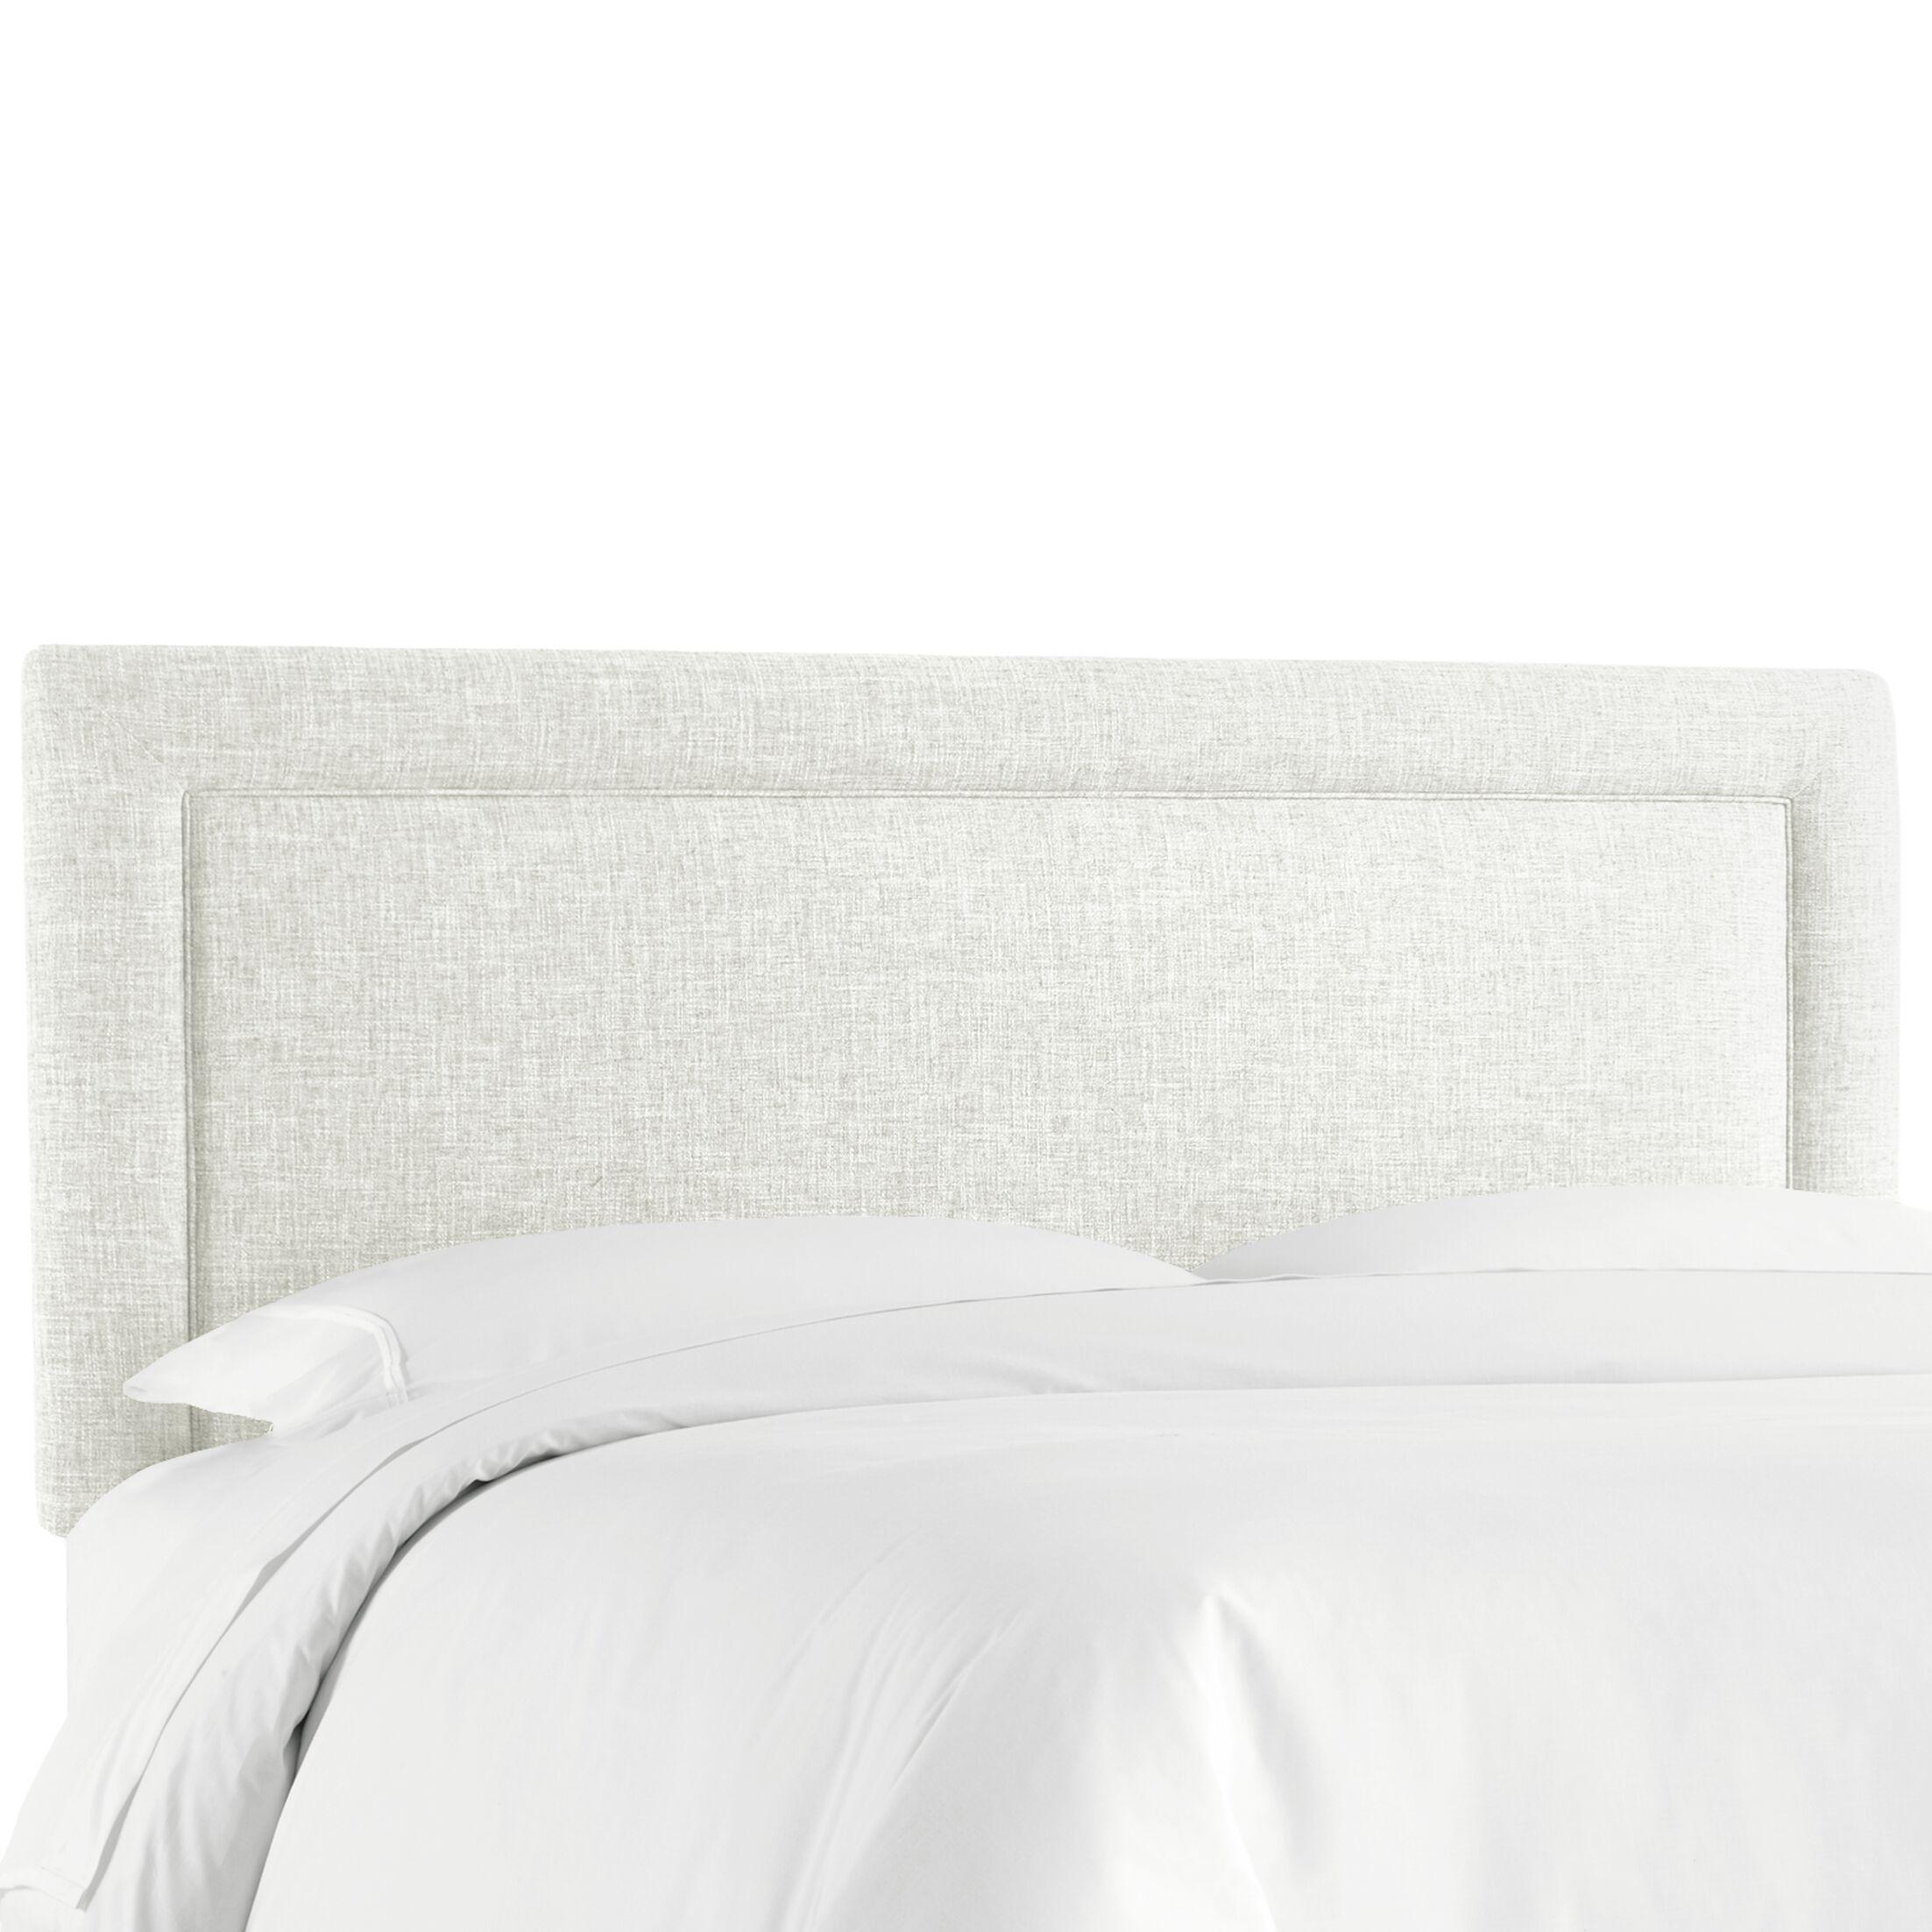 Cansler Border Upholstered Panel Headboard Size: Full, Upholstery: Zuma Linen